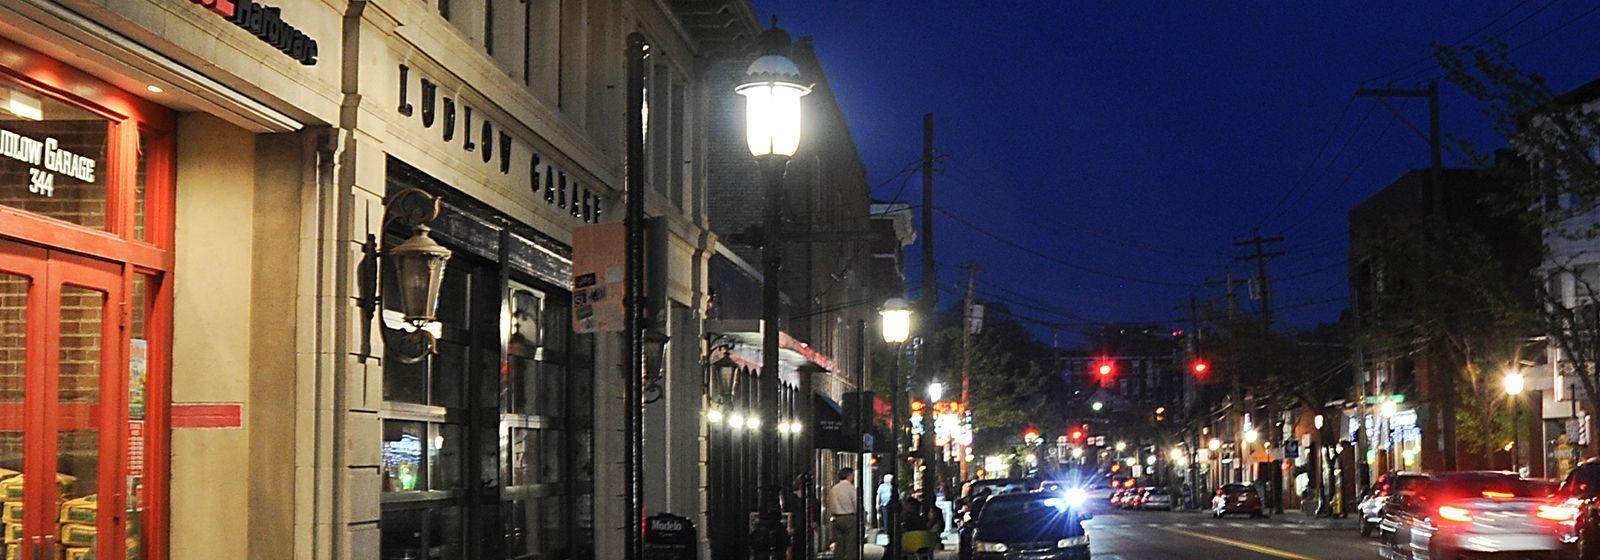 Amazing Magic Glows In The Night In Cincinnatiu0027s Gaslight District